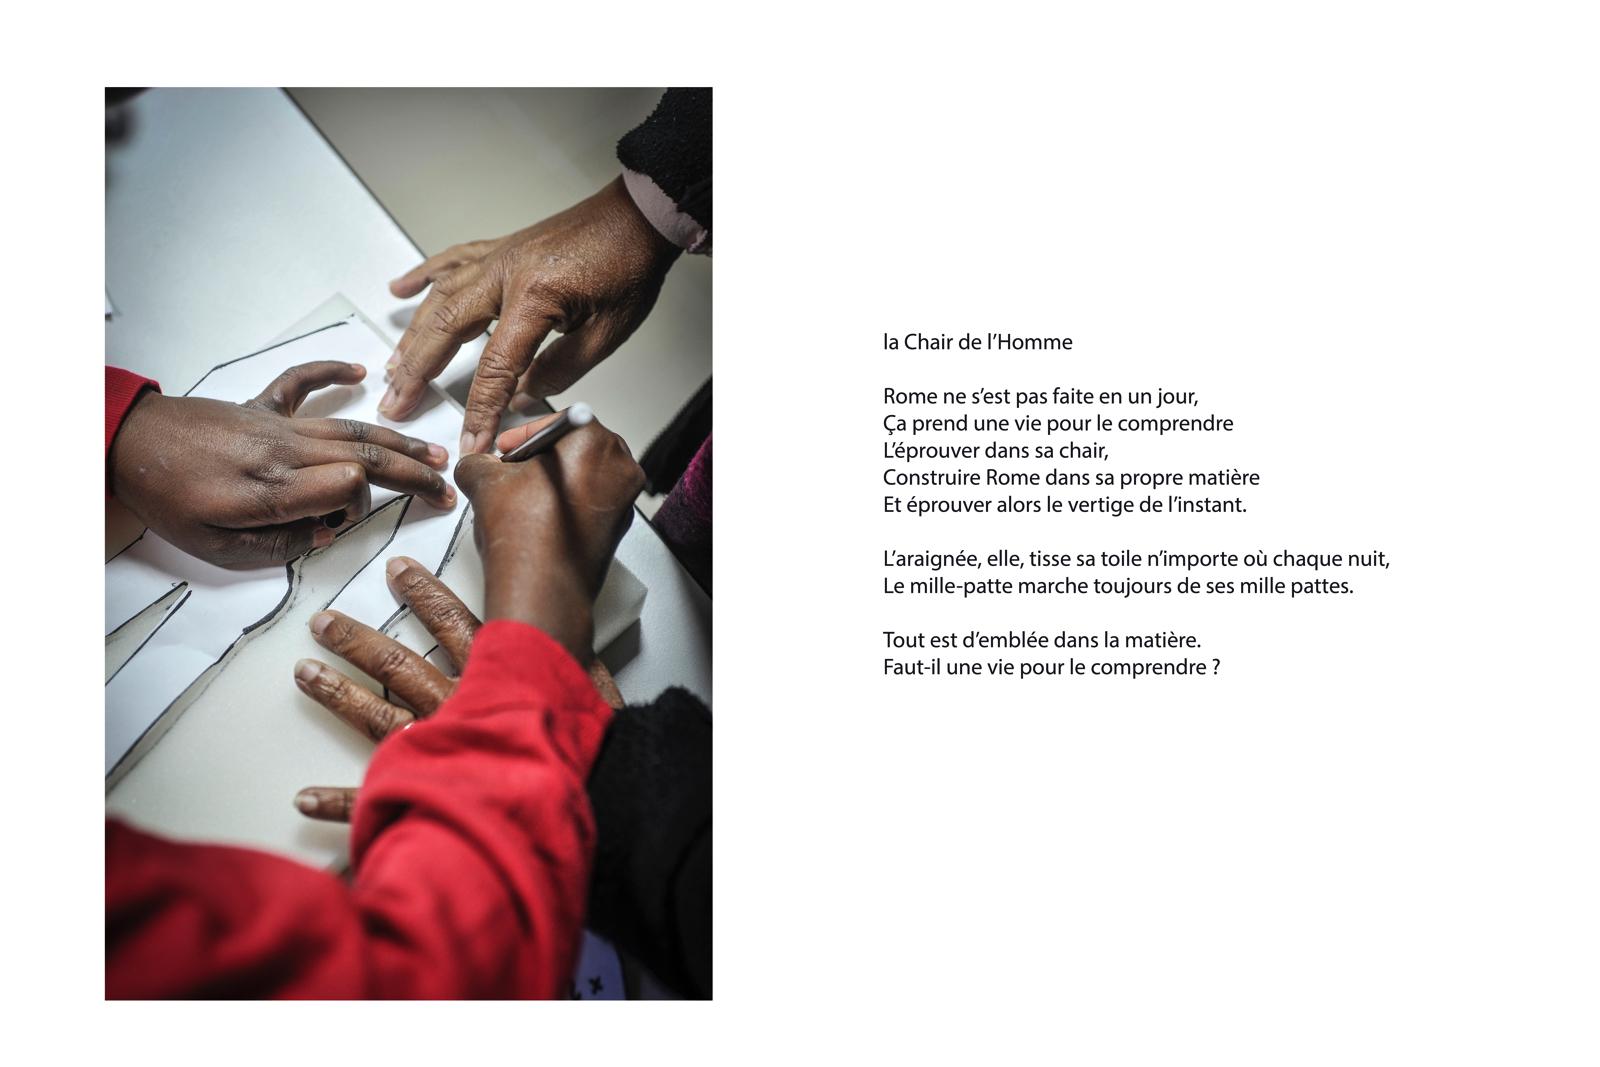 10_ExpoTIGOUYA_Chair@PhilippeMoulin